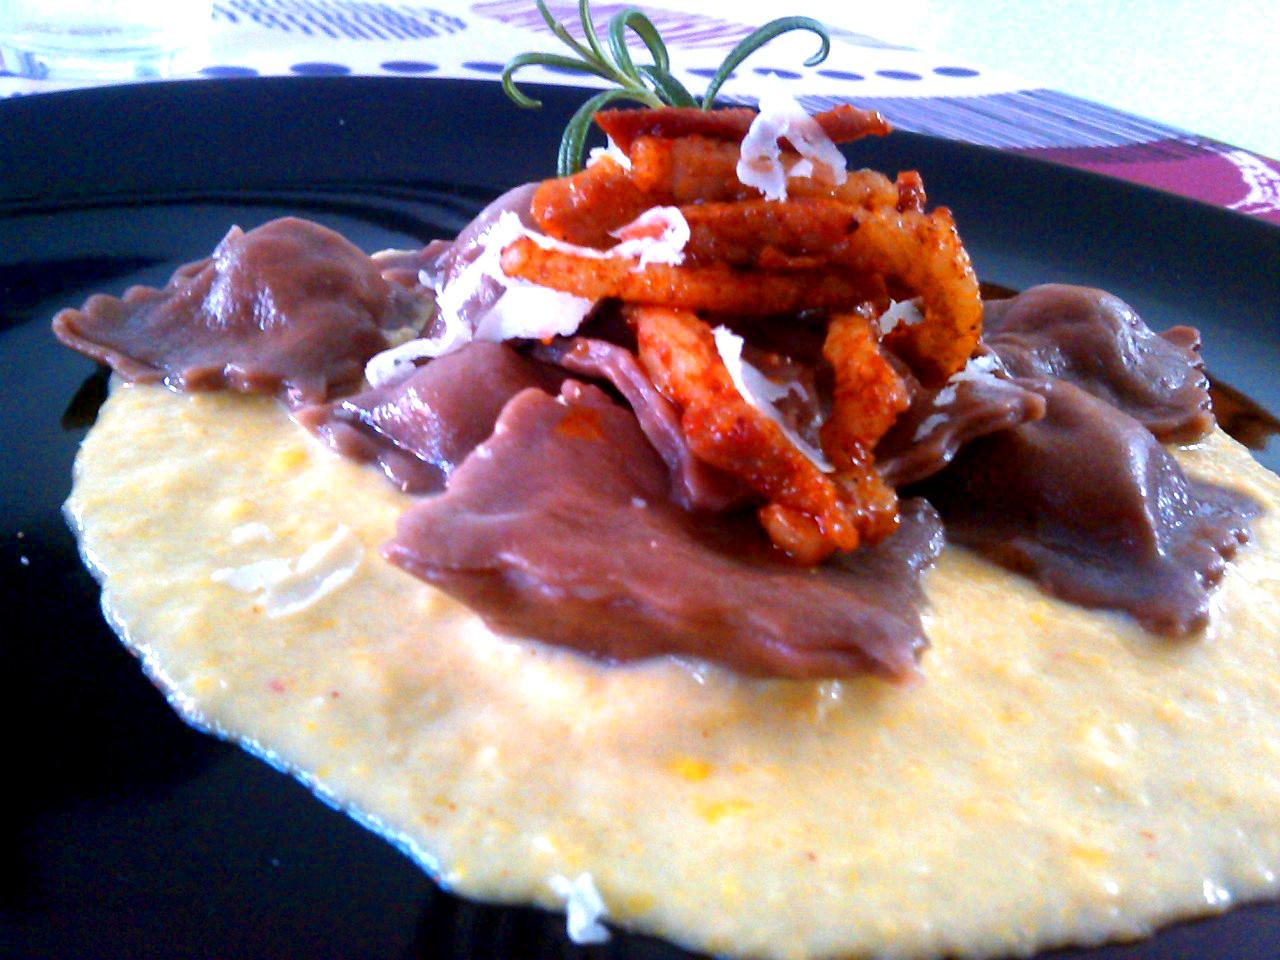 Ravioli sottosopra: ravioli al cacao ripieni di burro e salvia,con pancetta rosolata nella paprica e crema di mais